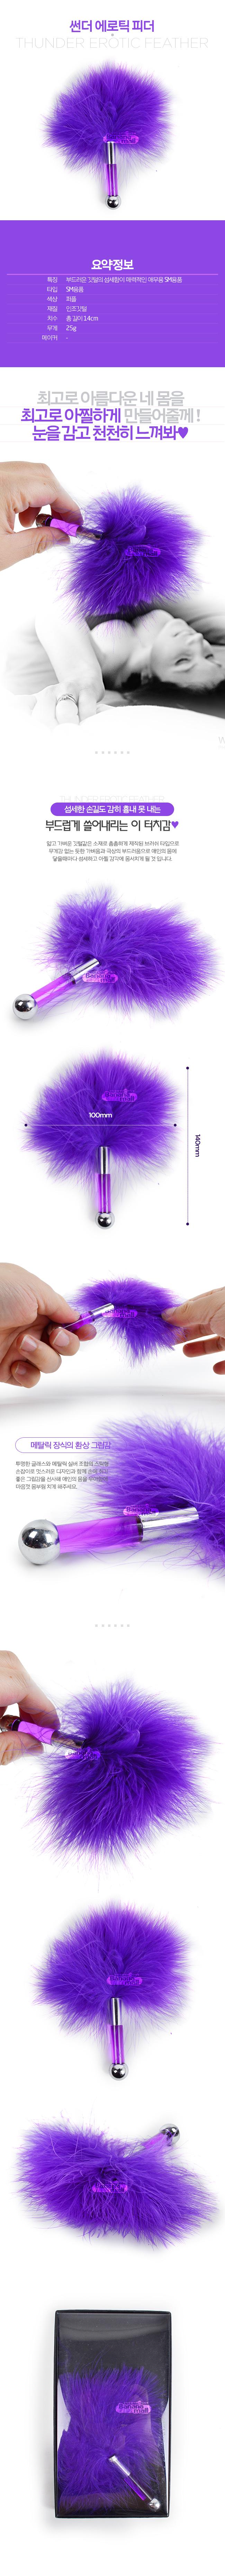 썬더 에로틱 피더(Thunder Erotic Feather)